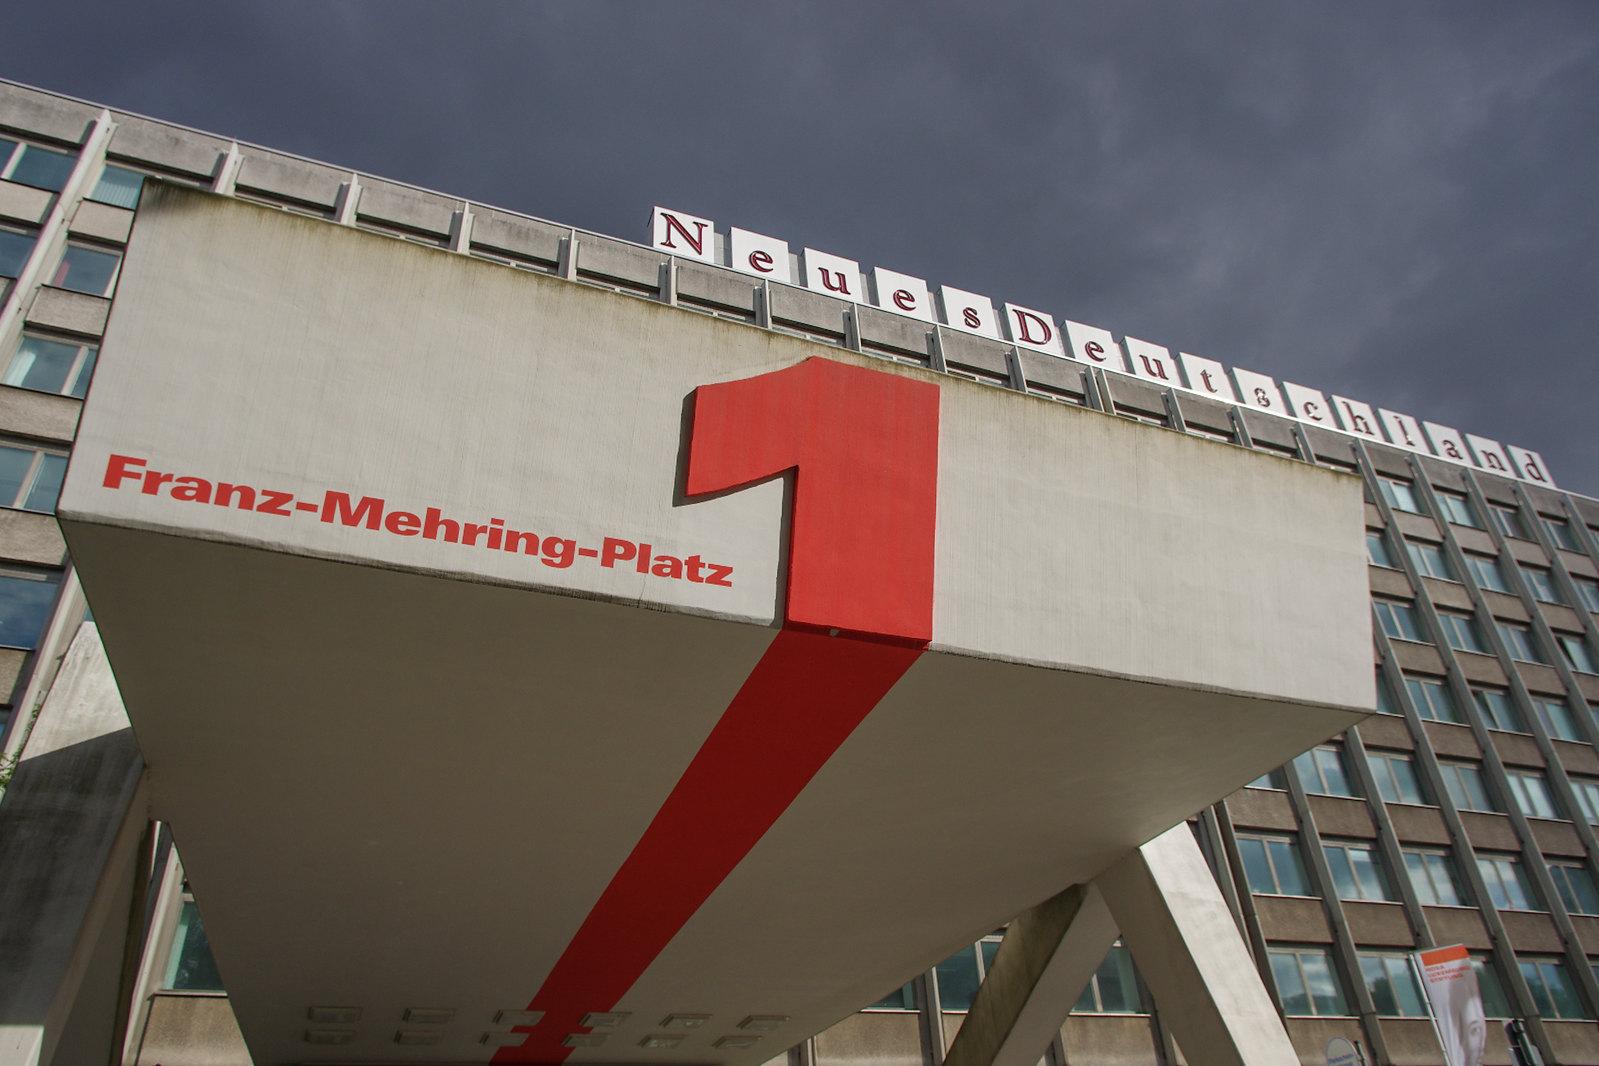 Architecture à Berlin - Franz-Mehring-Platz 1, l'ancien siège du parti socialiste unifié de l'ex-RDA